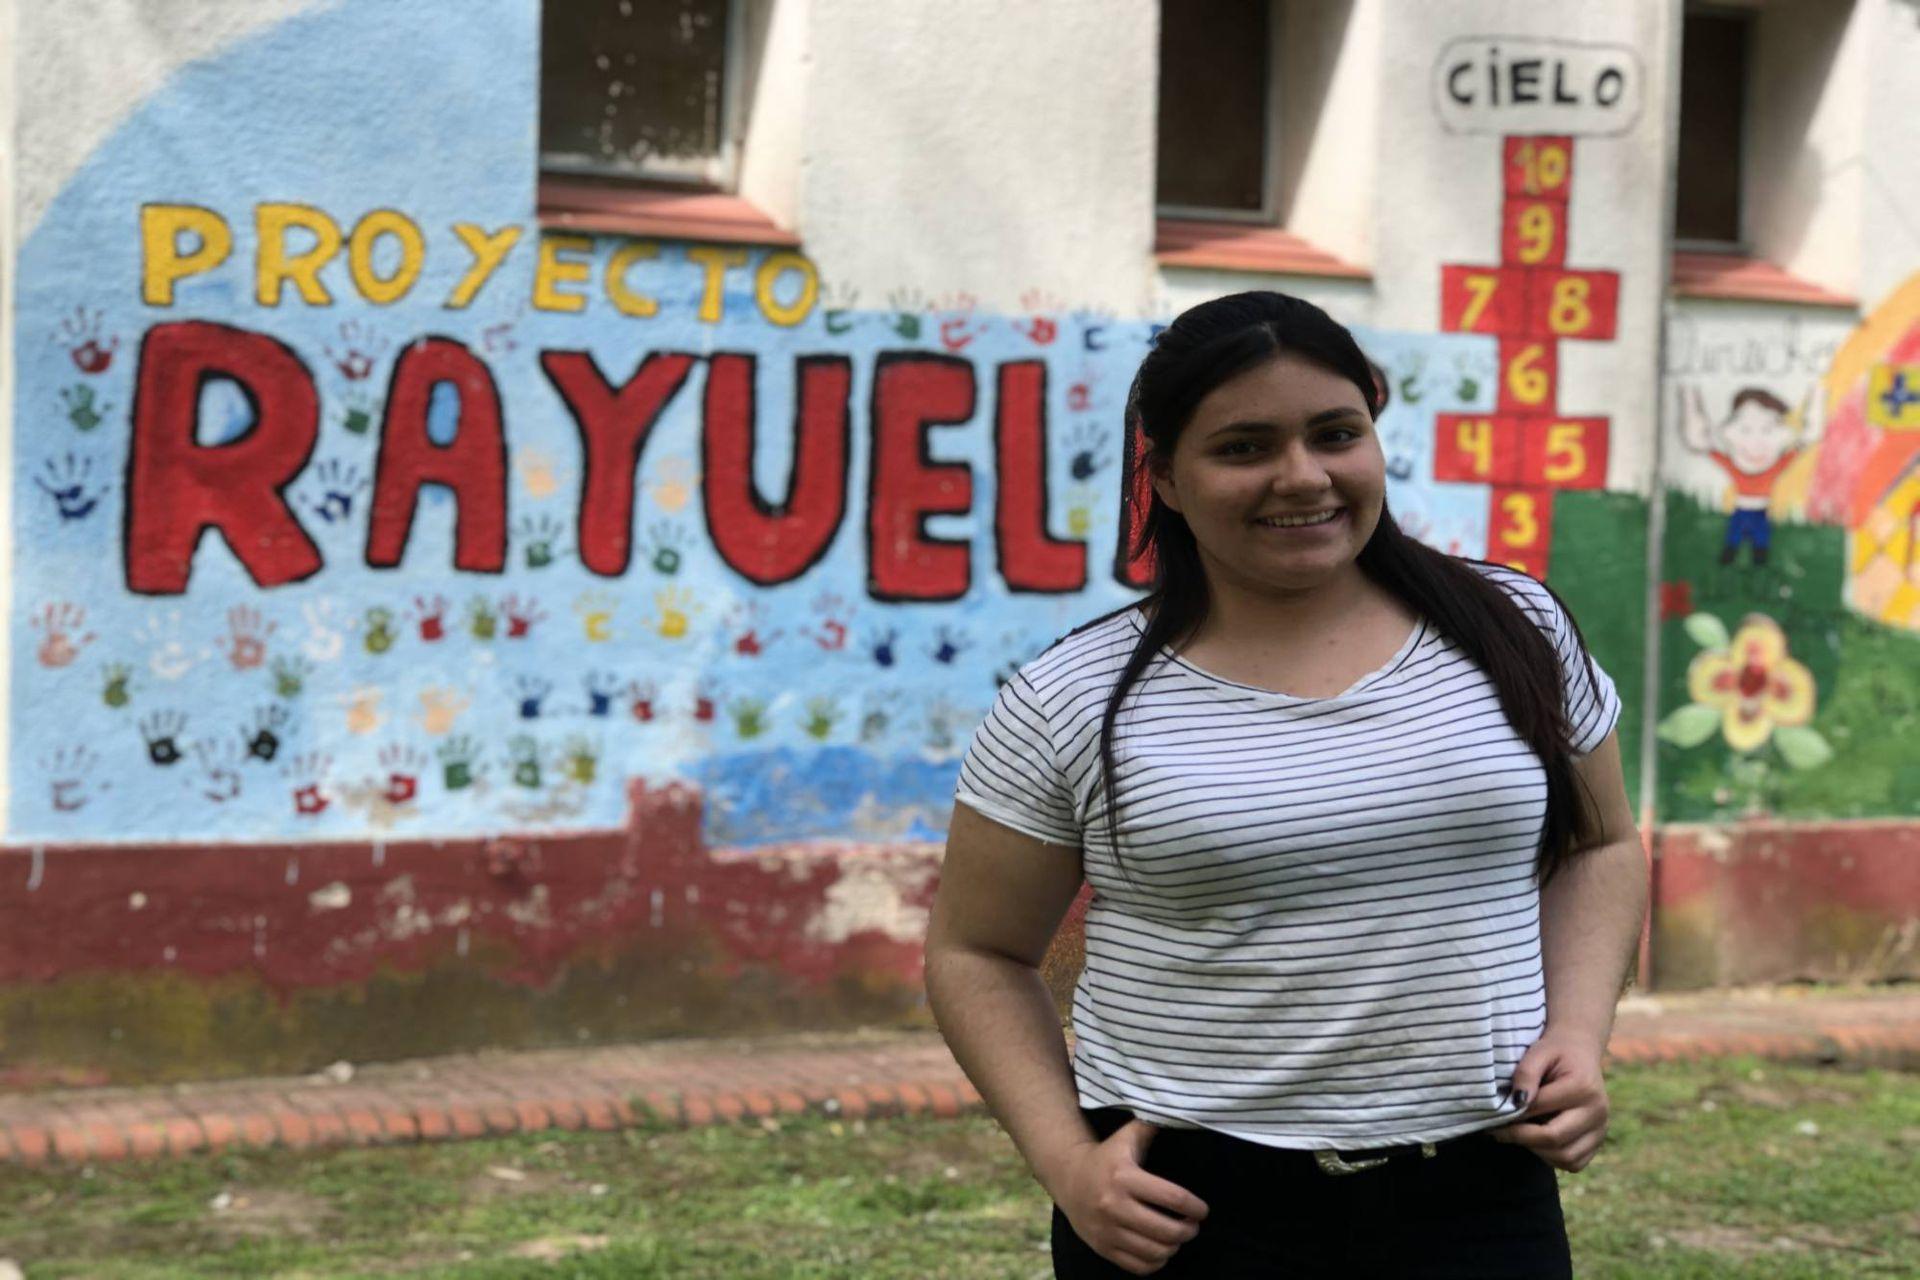 """Camila cuenta que tuvo una infancia feliz: """"Acá hay una paz única"""", asegura"""